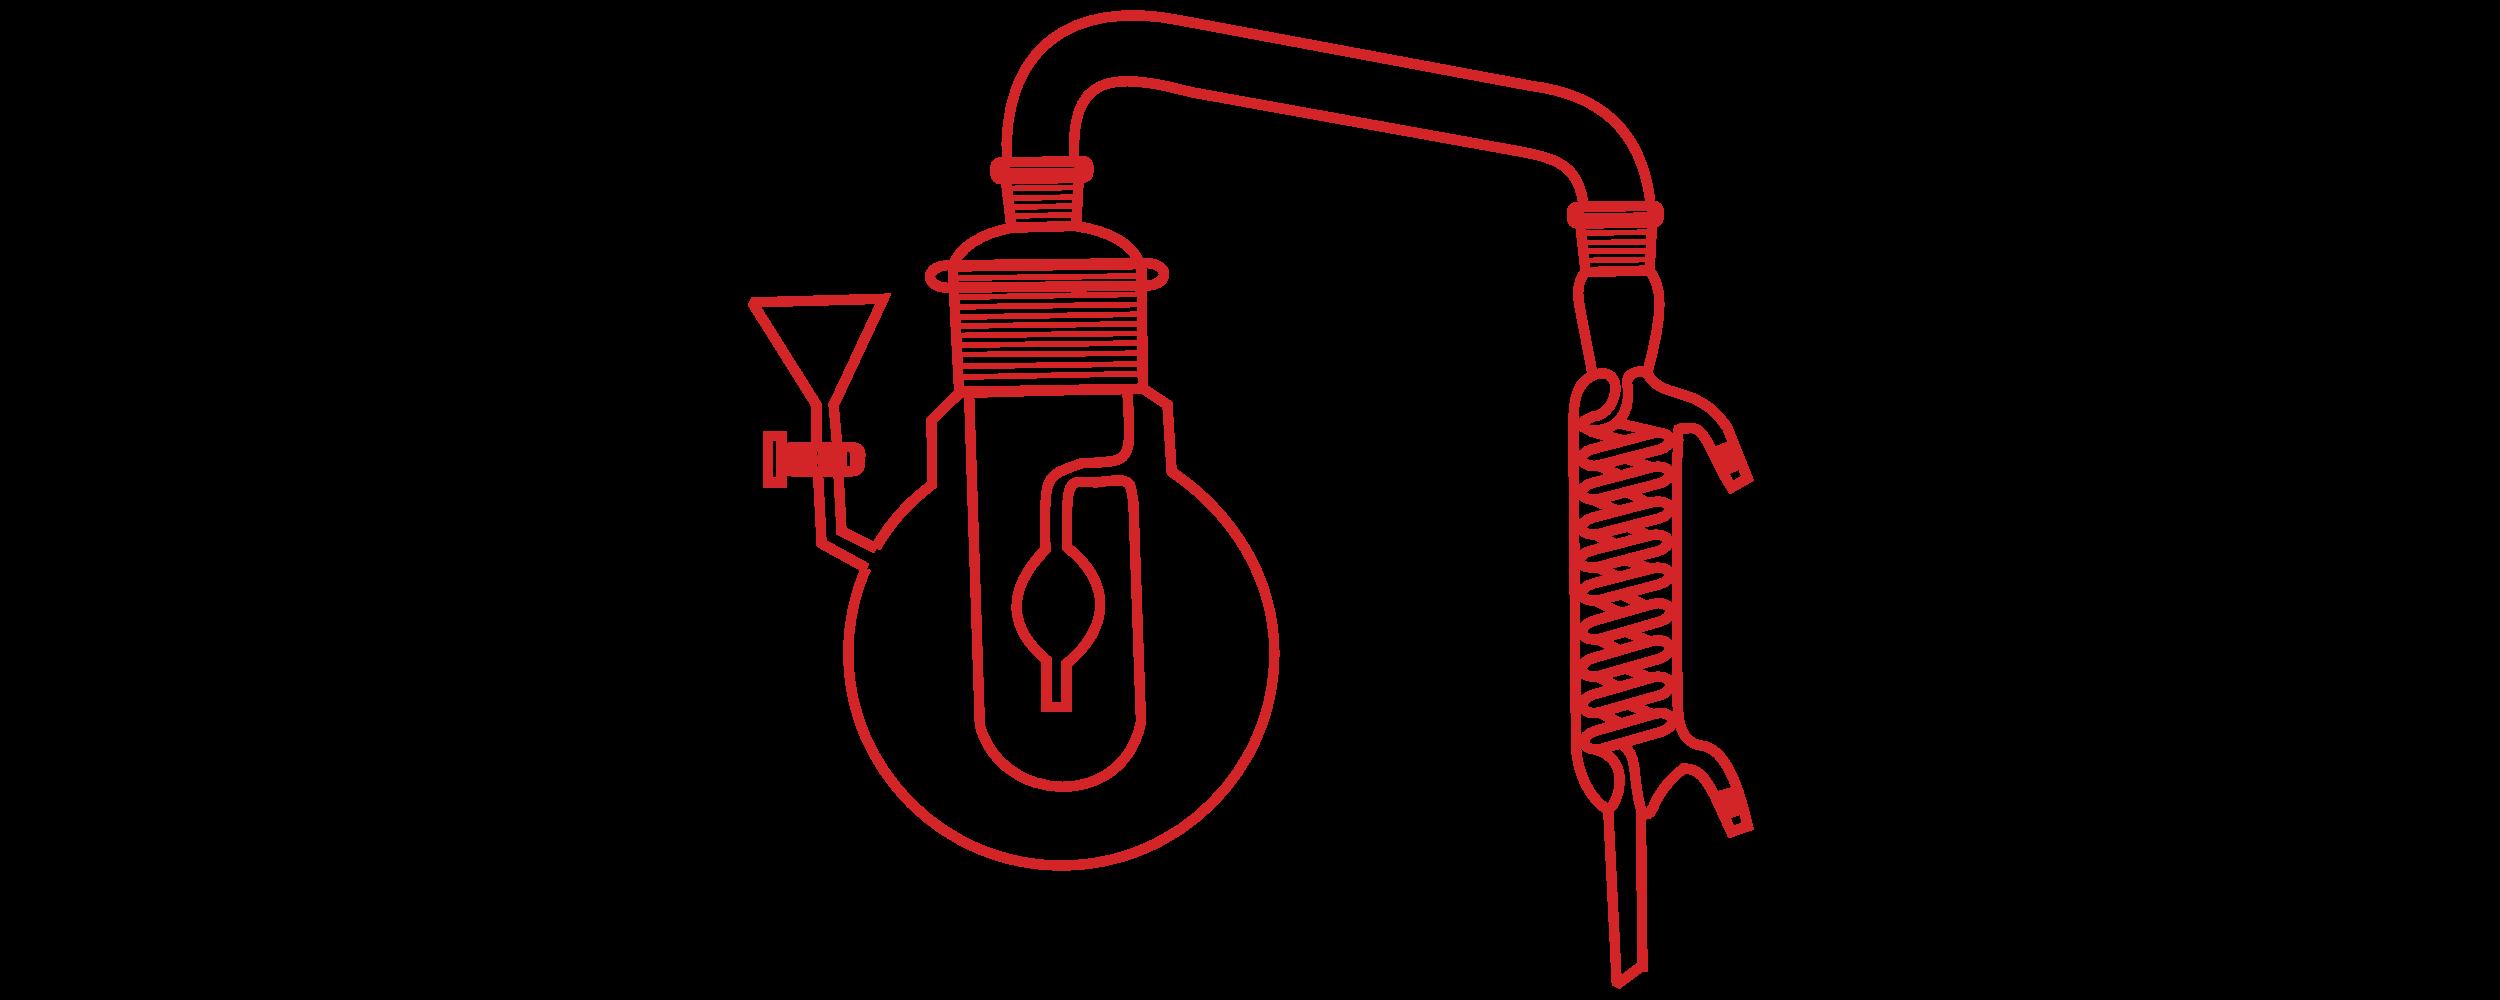 7. Winzer Laborglastechnik - Apparate zur Bestimmung wasserdampfflüchtiger Stoffe